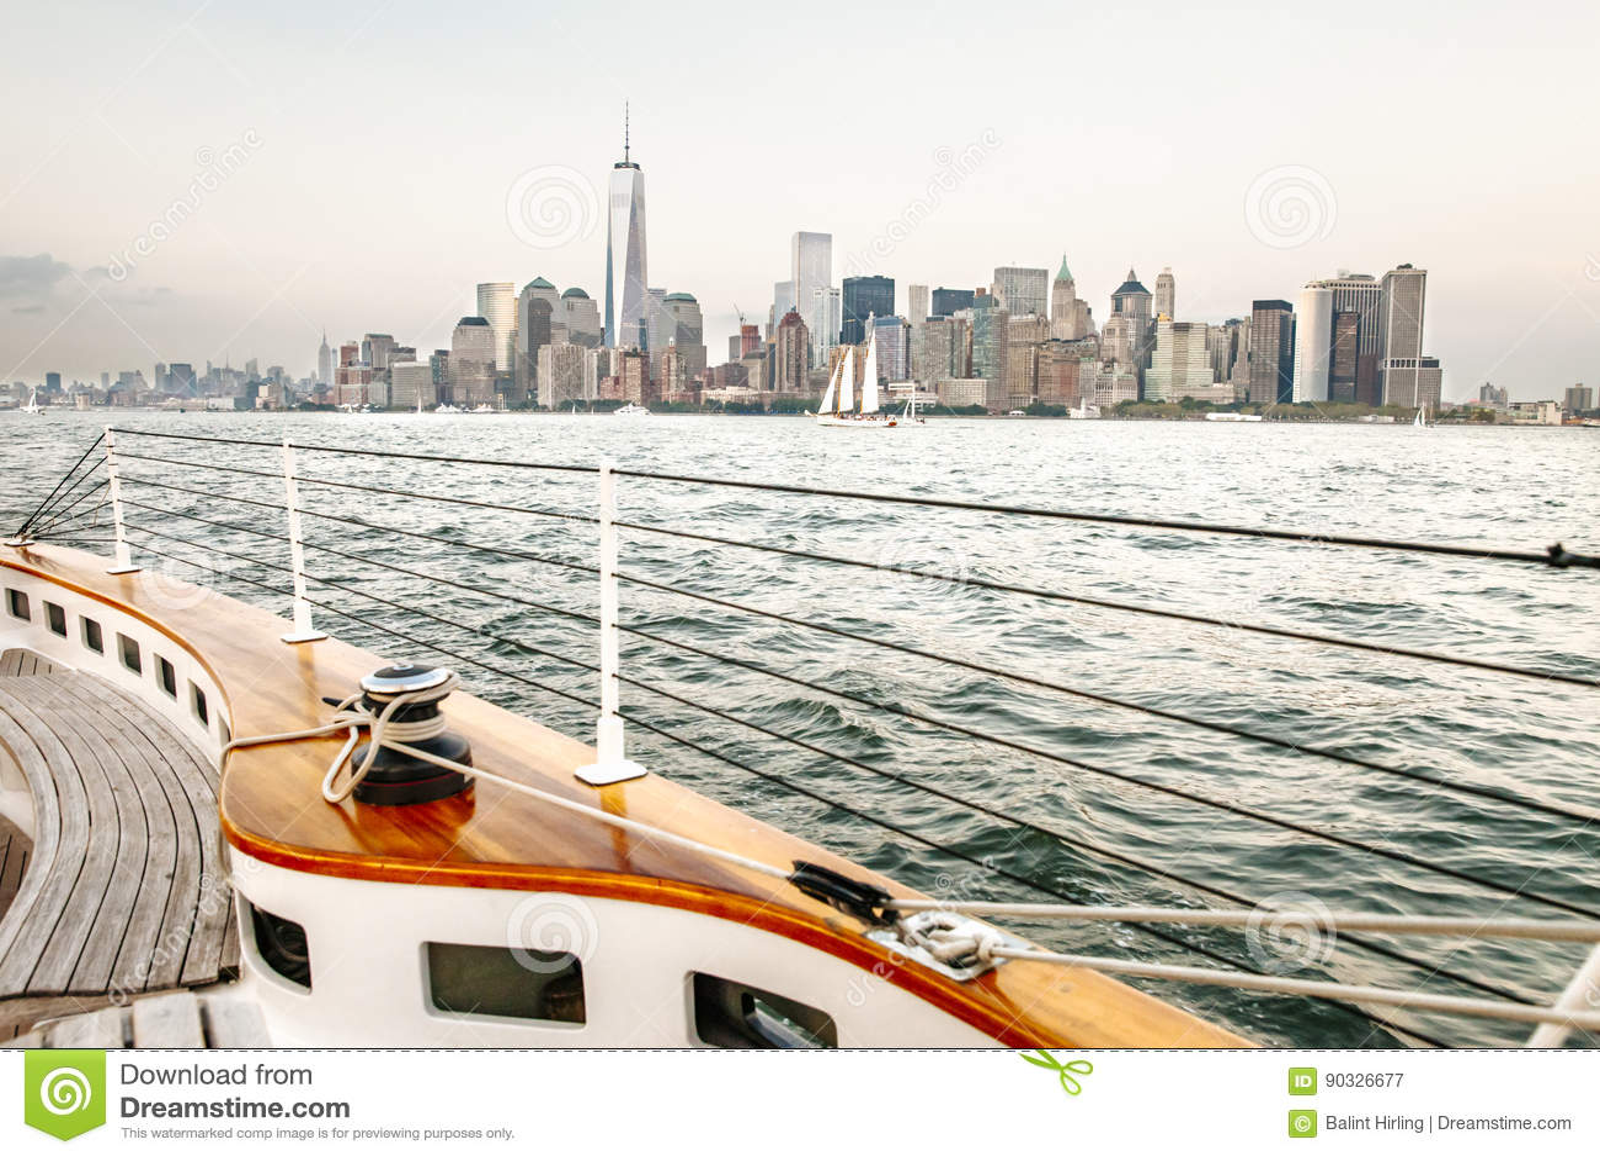 Zeilboot op de rivier Hudson - Manhattan